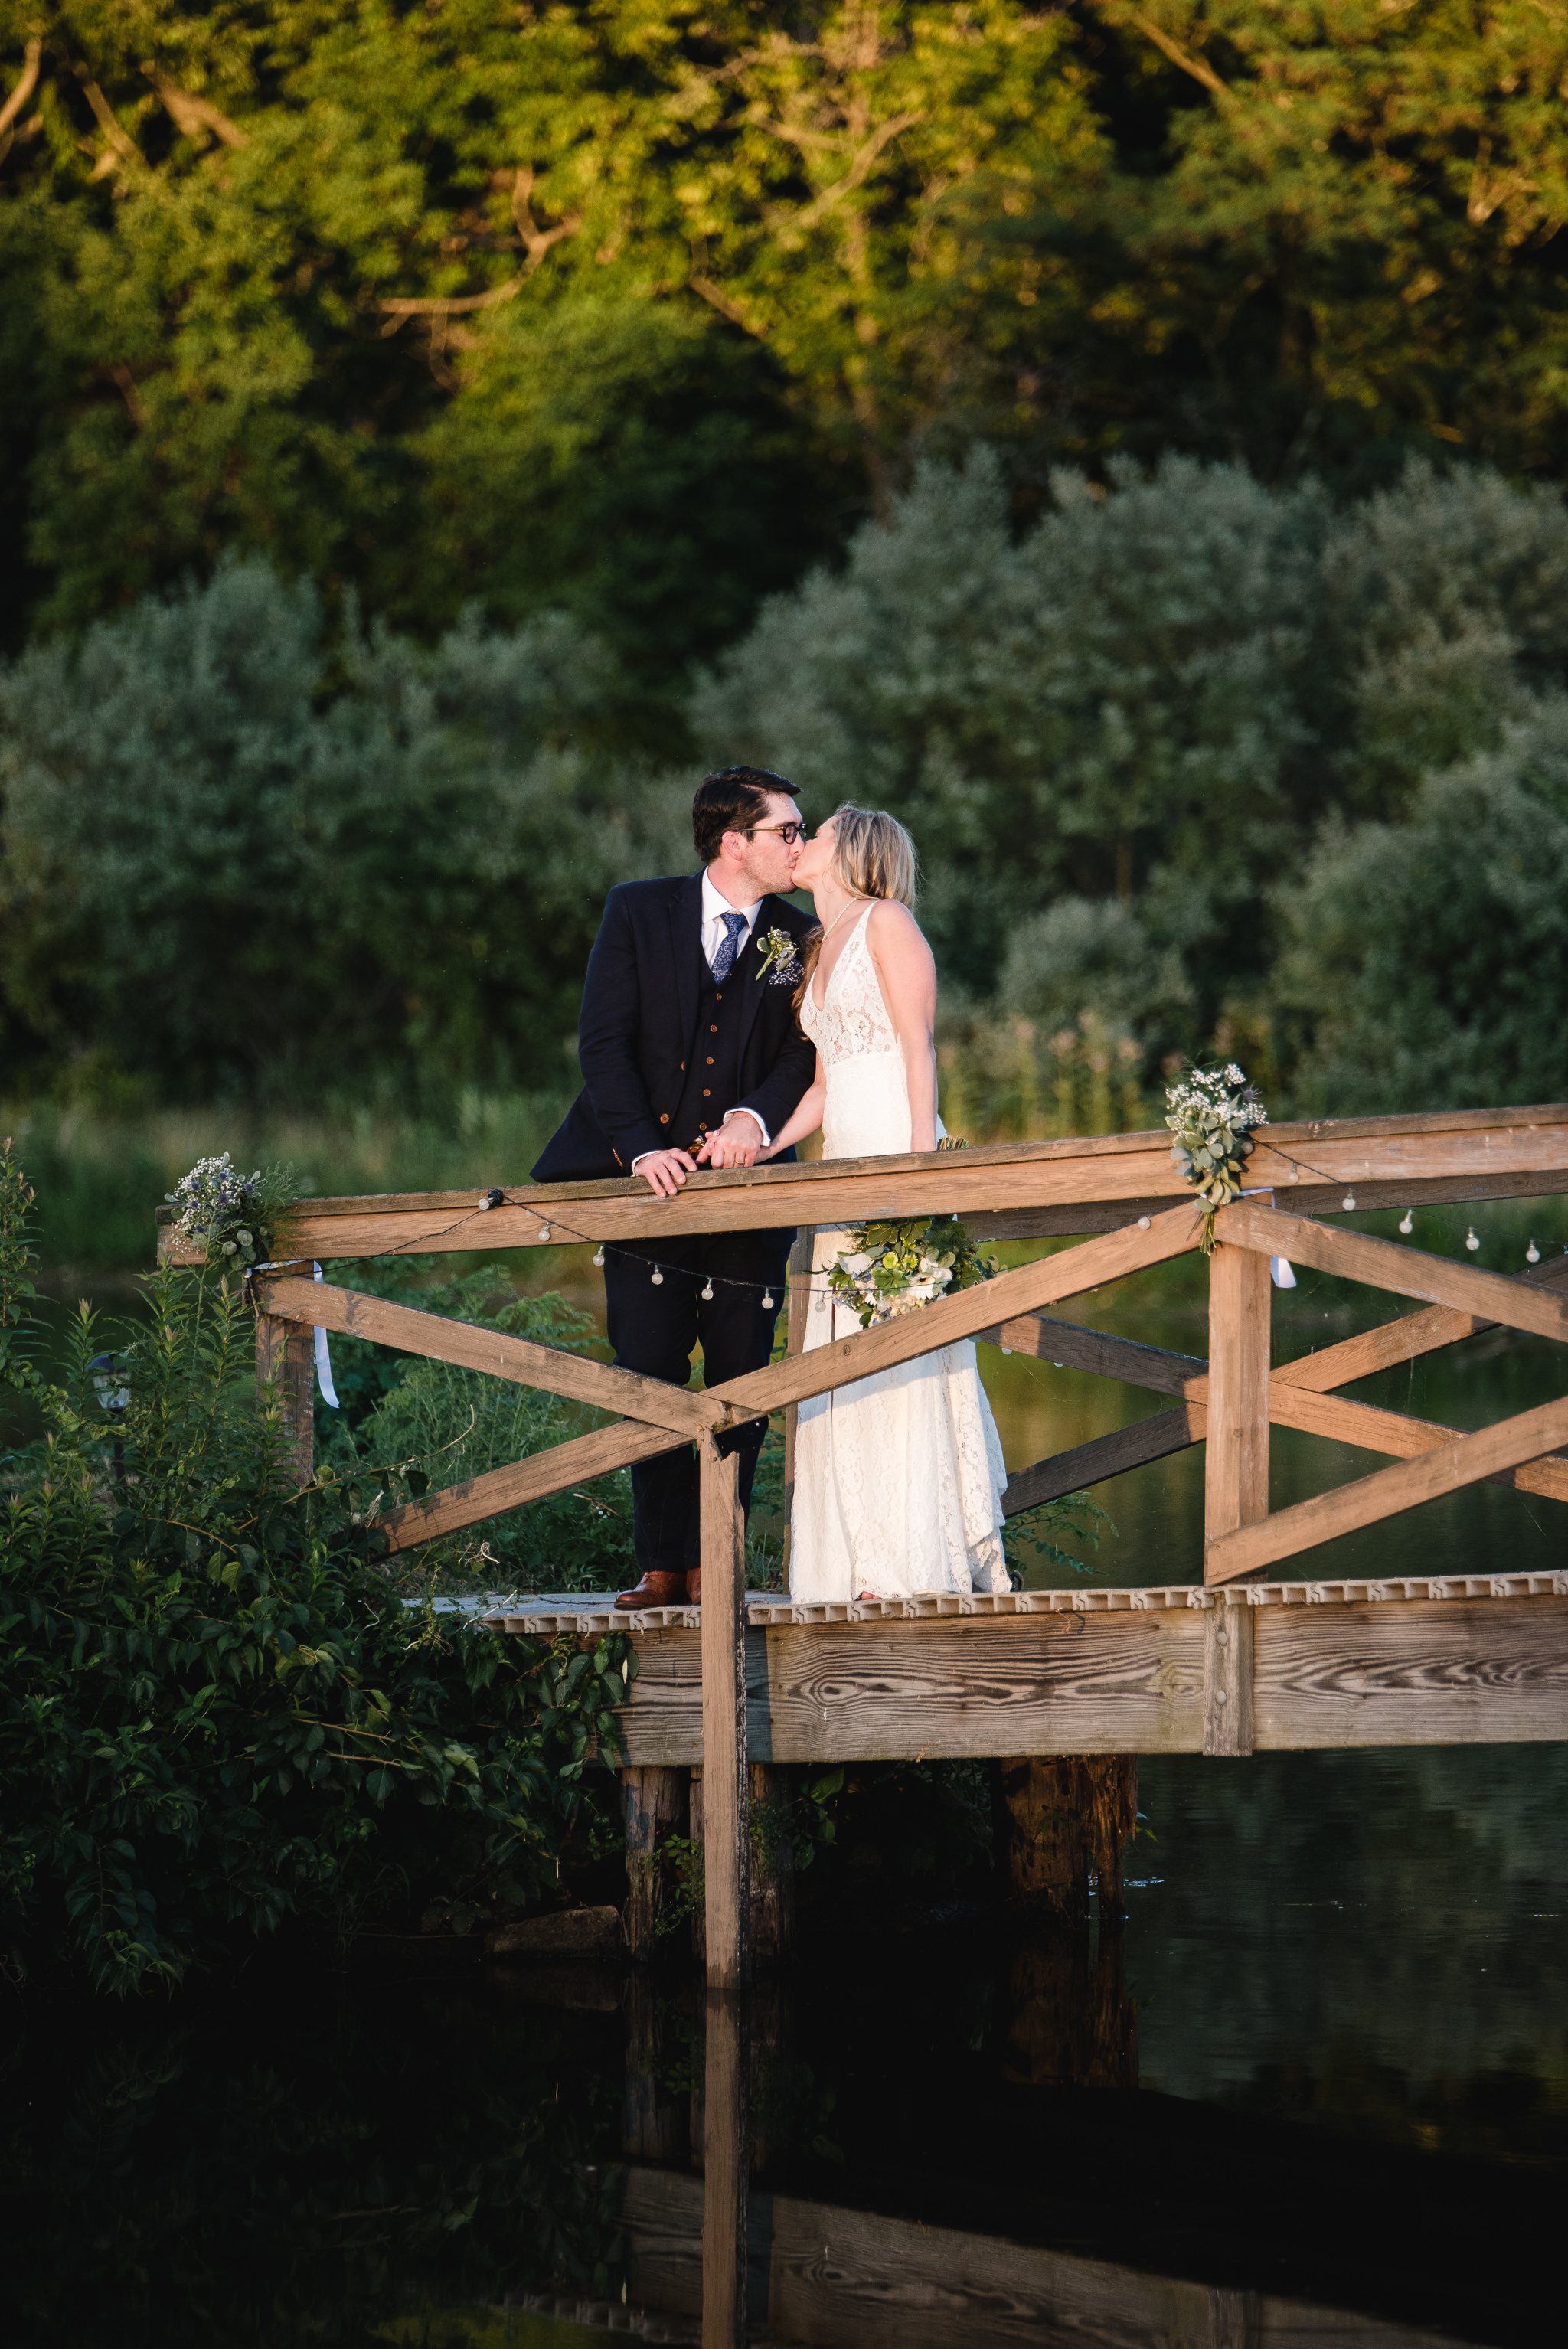 LINDSAY_WEDDING_BORN_TO_RUN_FARM_3498.jpg